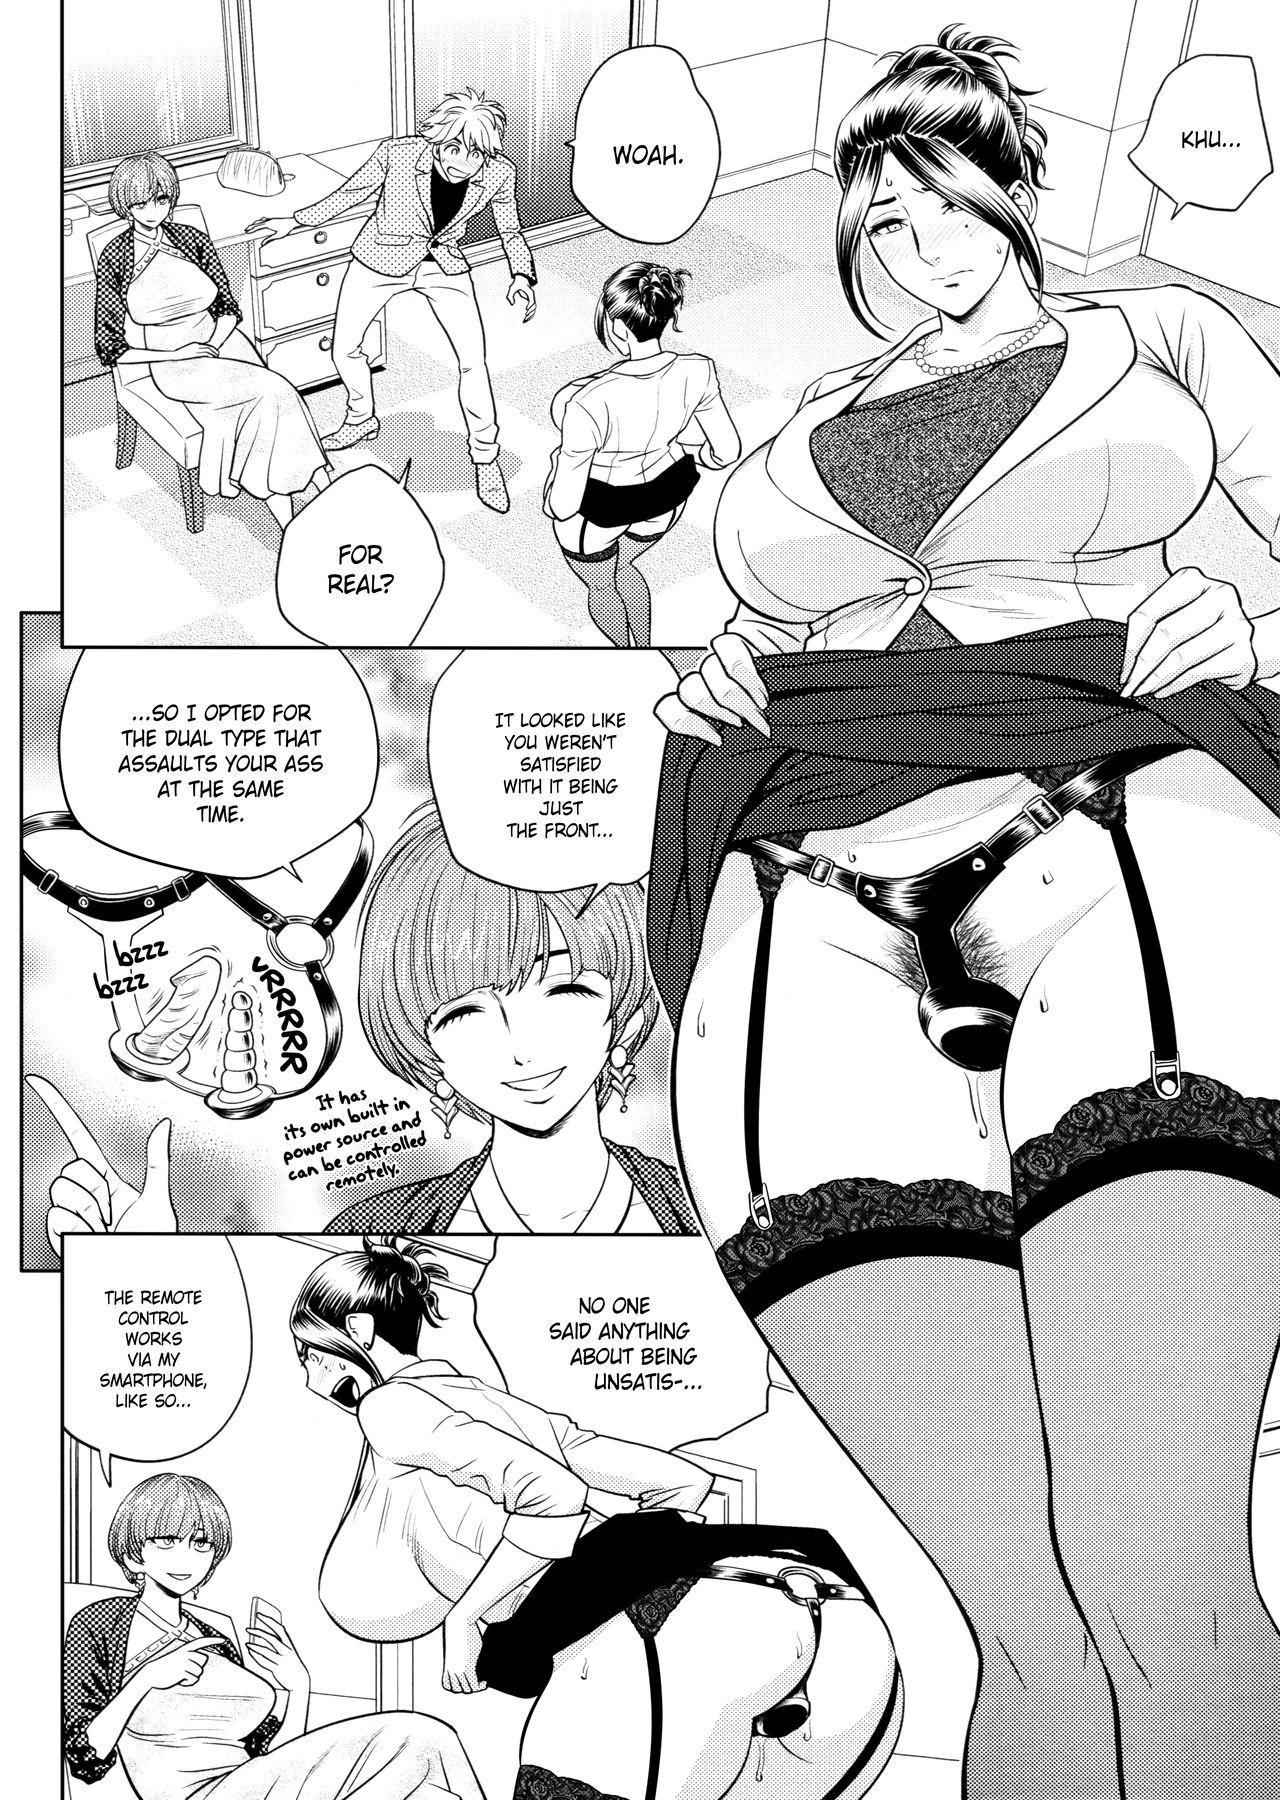 [Tatsunami Youtoku, Yamasaki Masato] Bijin Henshuu-chou no Himitsu | Beautiful Editor-in-Chief's Secret Ch. 1-8 [English] [Forbiddenfetish77, Red Vodka, Crystalium, CEDR777] [Decensored] 159